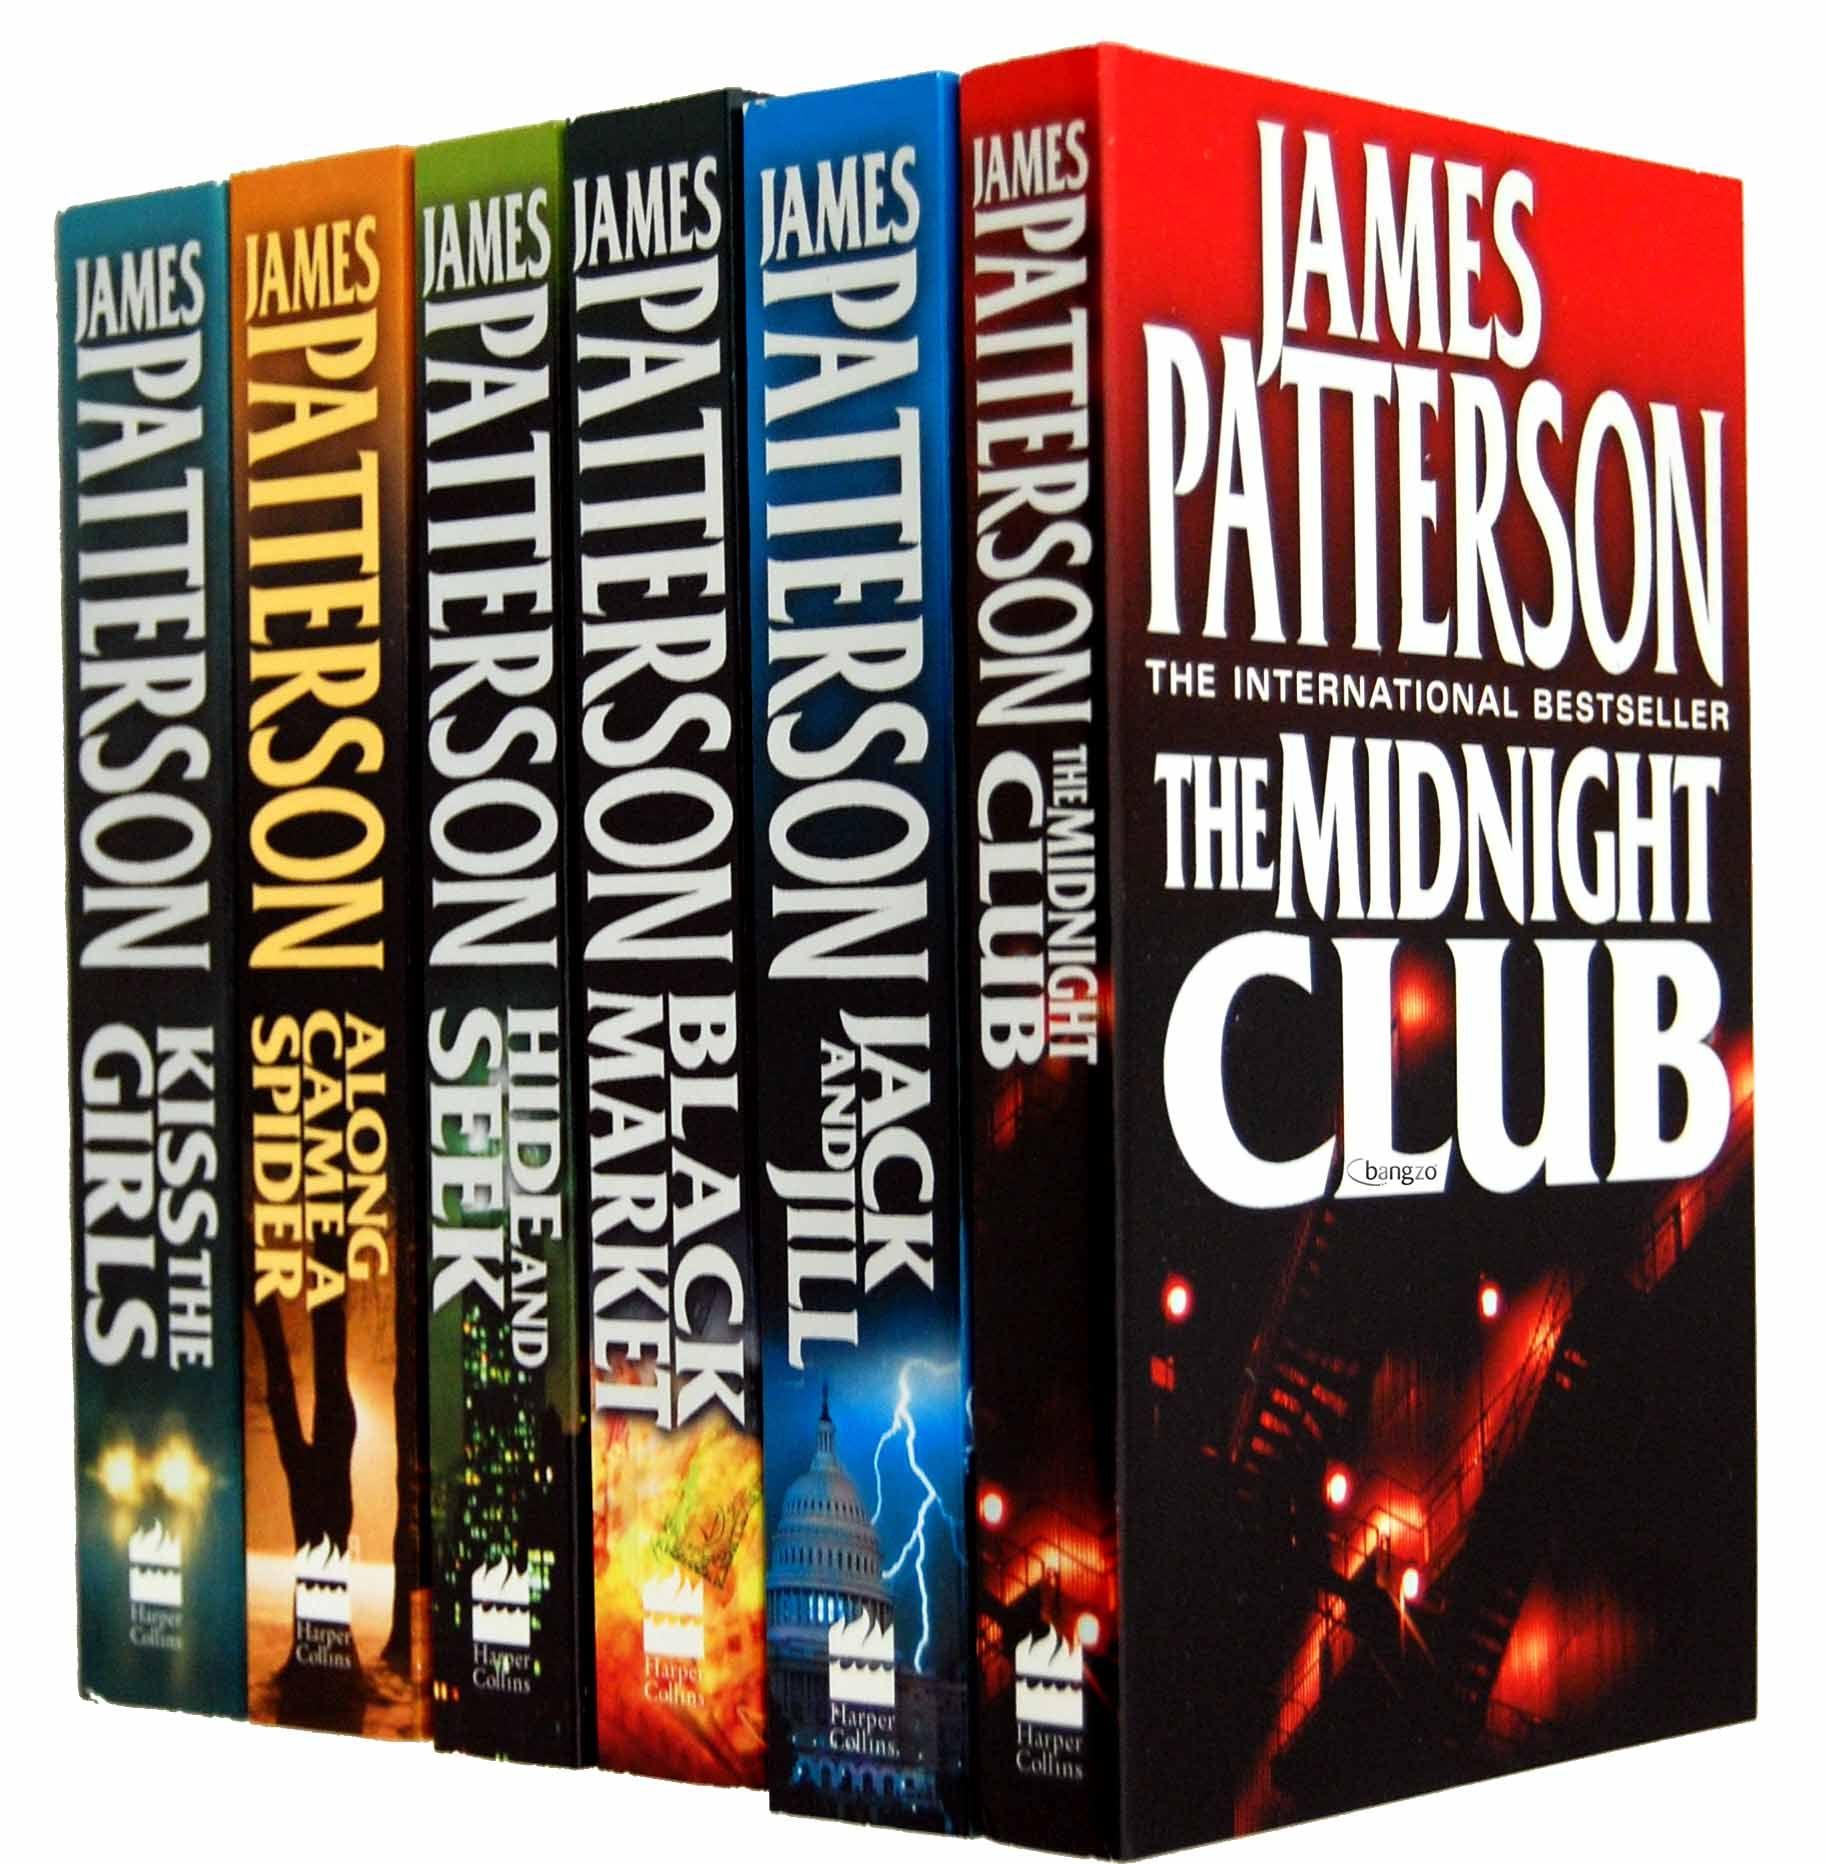 James Patterson Collection 6 Books Set Pack Alex Cross James Patterson Books James Patterson John Grisham Books